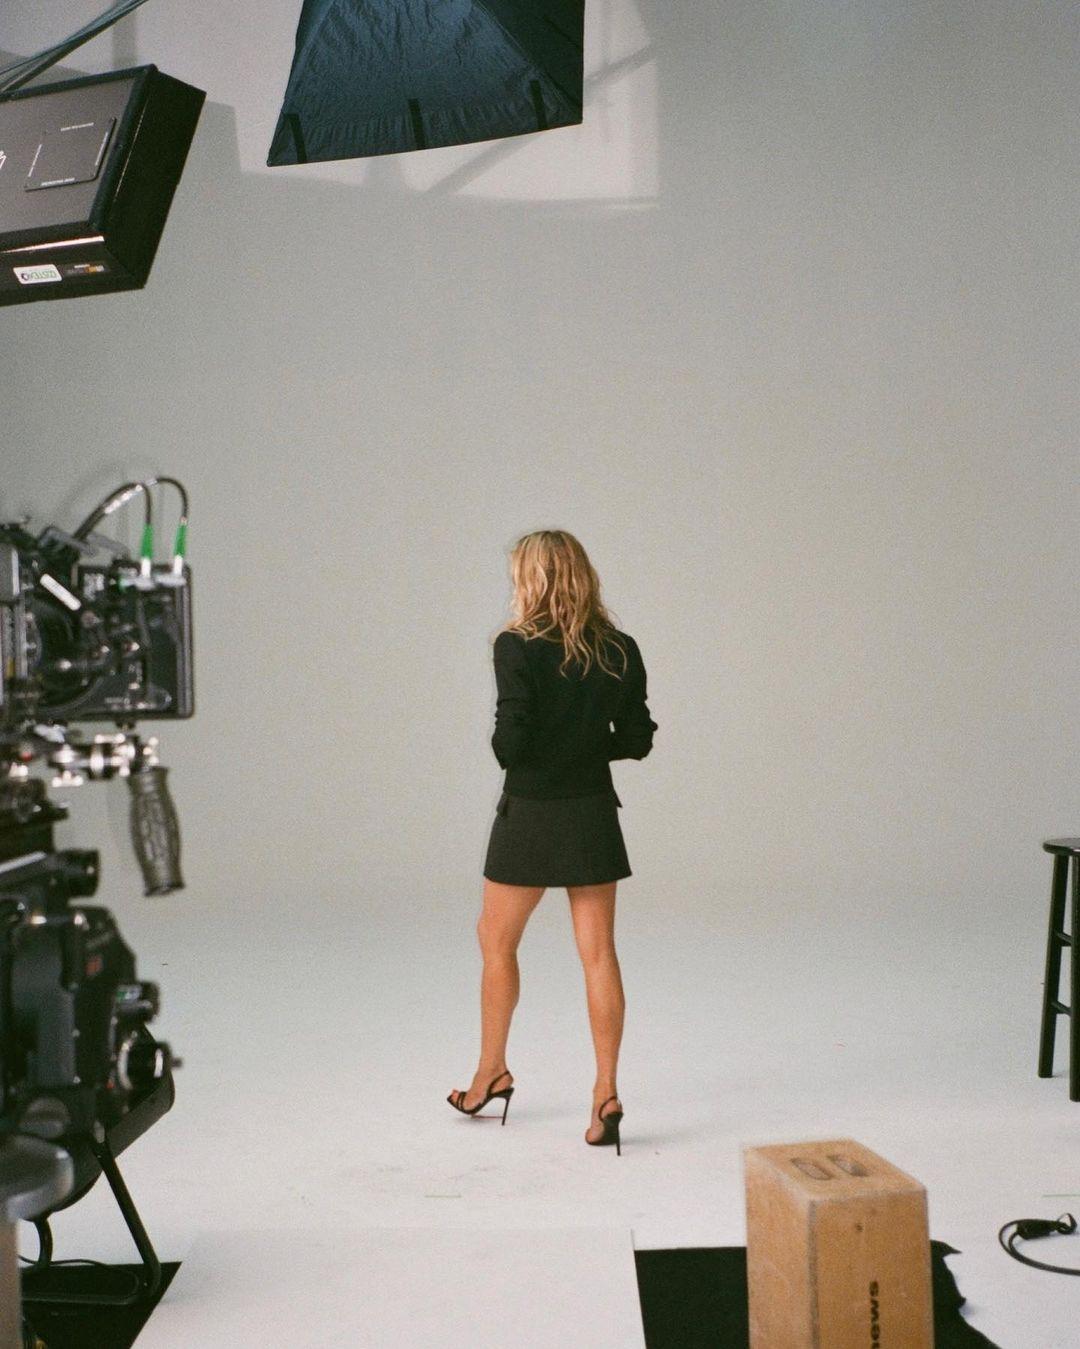 Дженнифер Энистон запустила свой собственный beauty-бренд